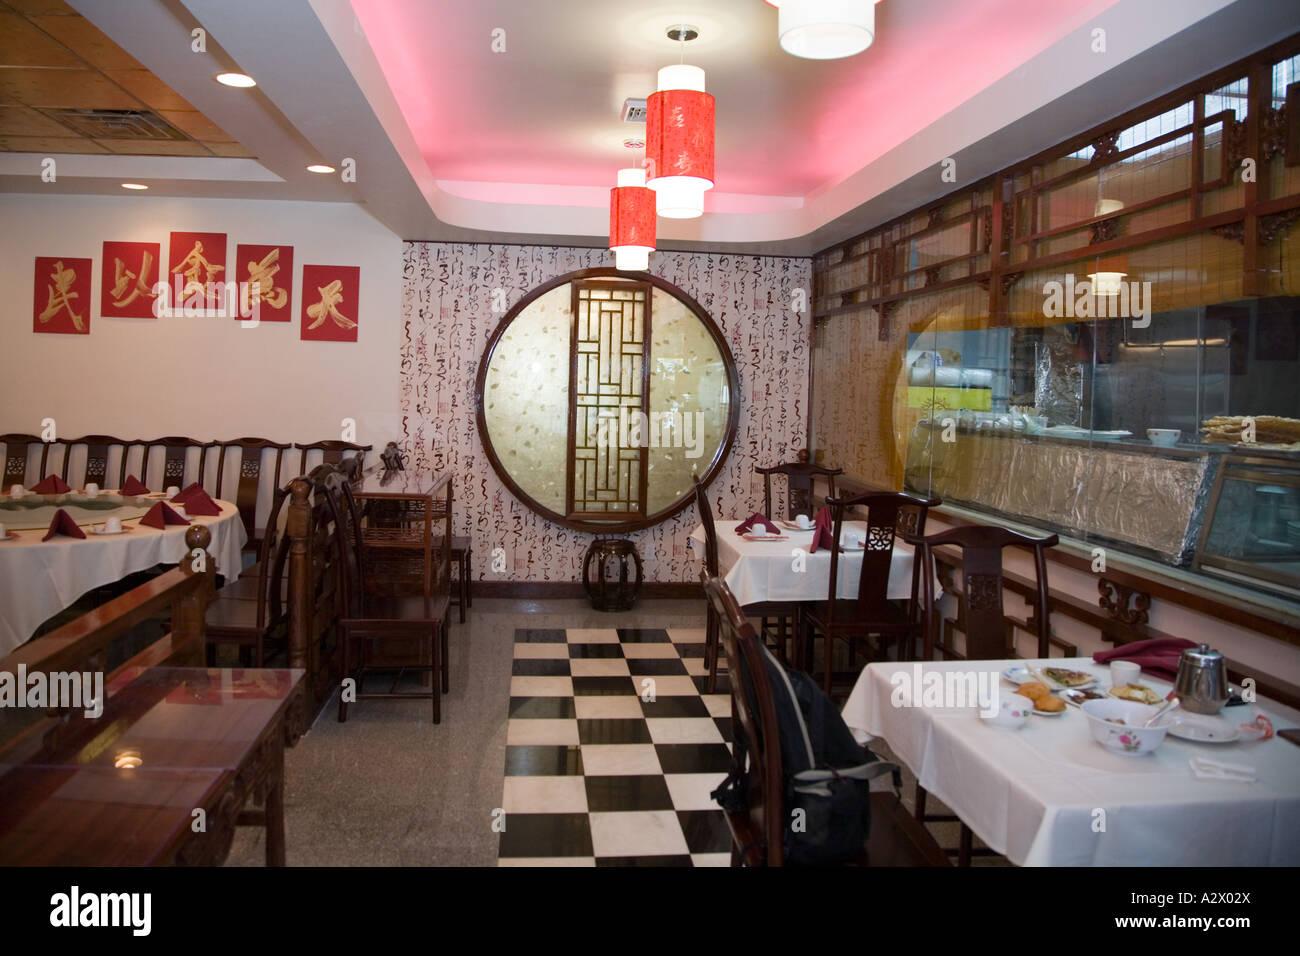 Chinesisches Restaurant-Interieur Stockfoto, Bild: 10605985 - Alamy